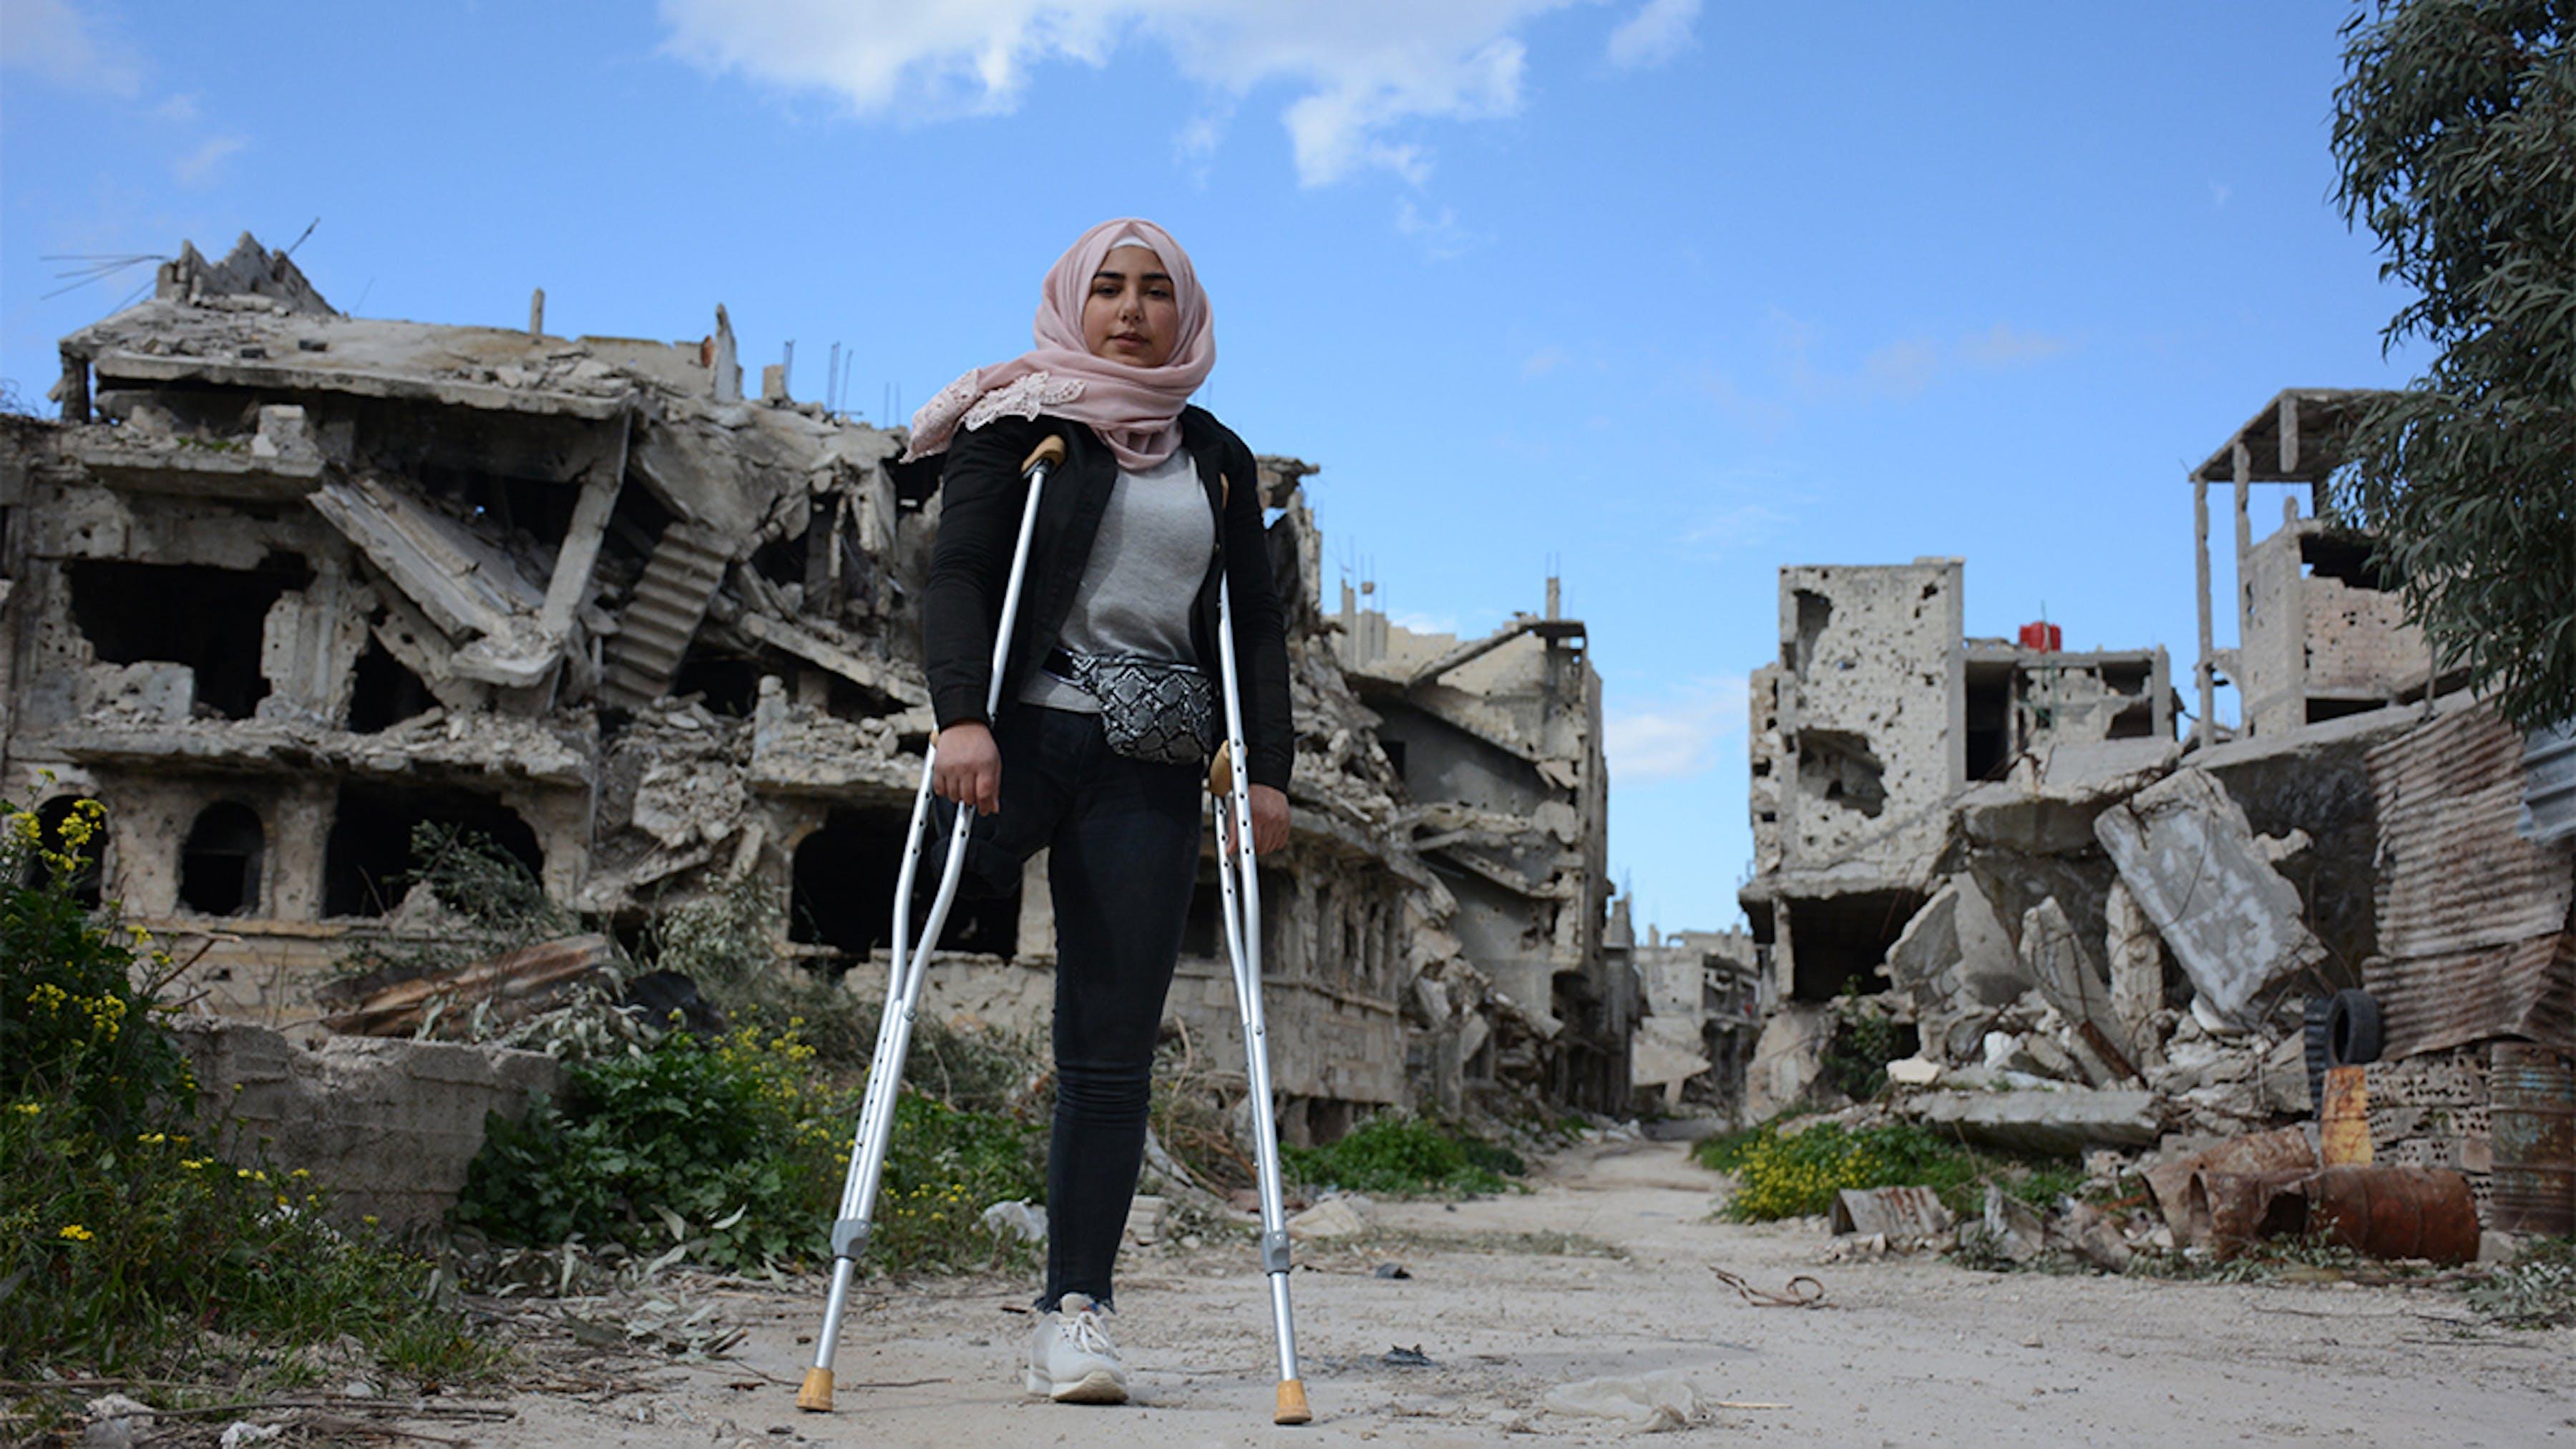 Siria, Nour, 16 anni, nel suo quartiere devastato dalla guerra e ora parzialmente abitato di Karm